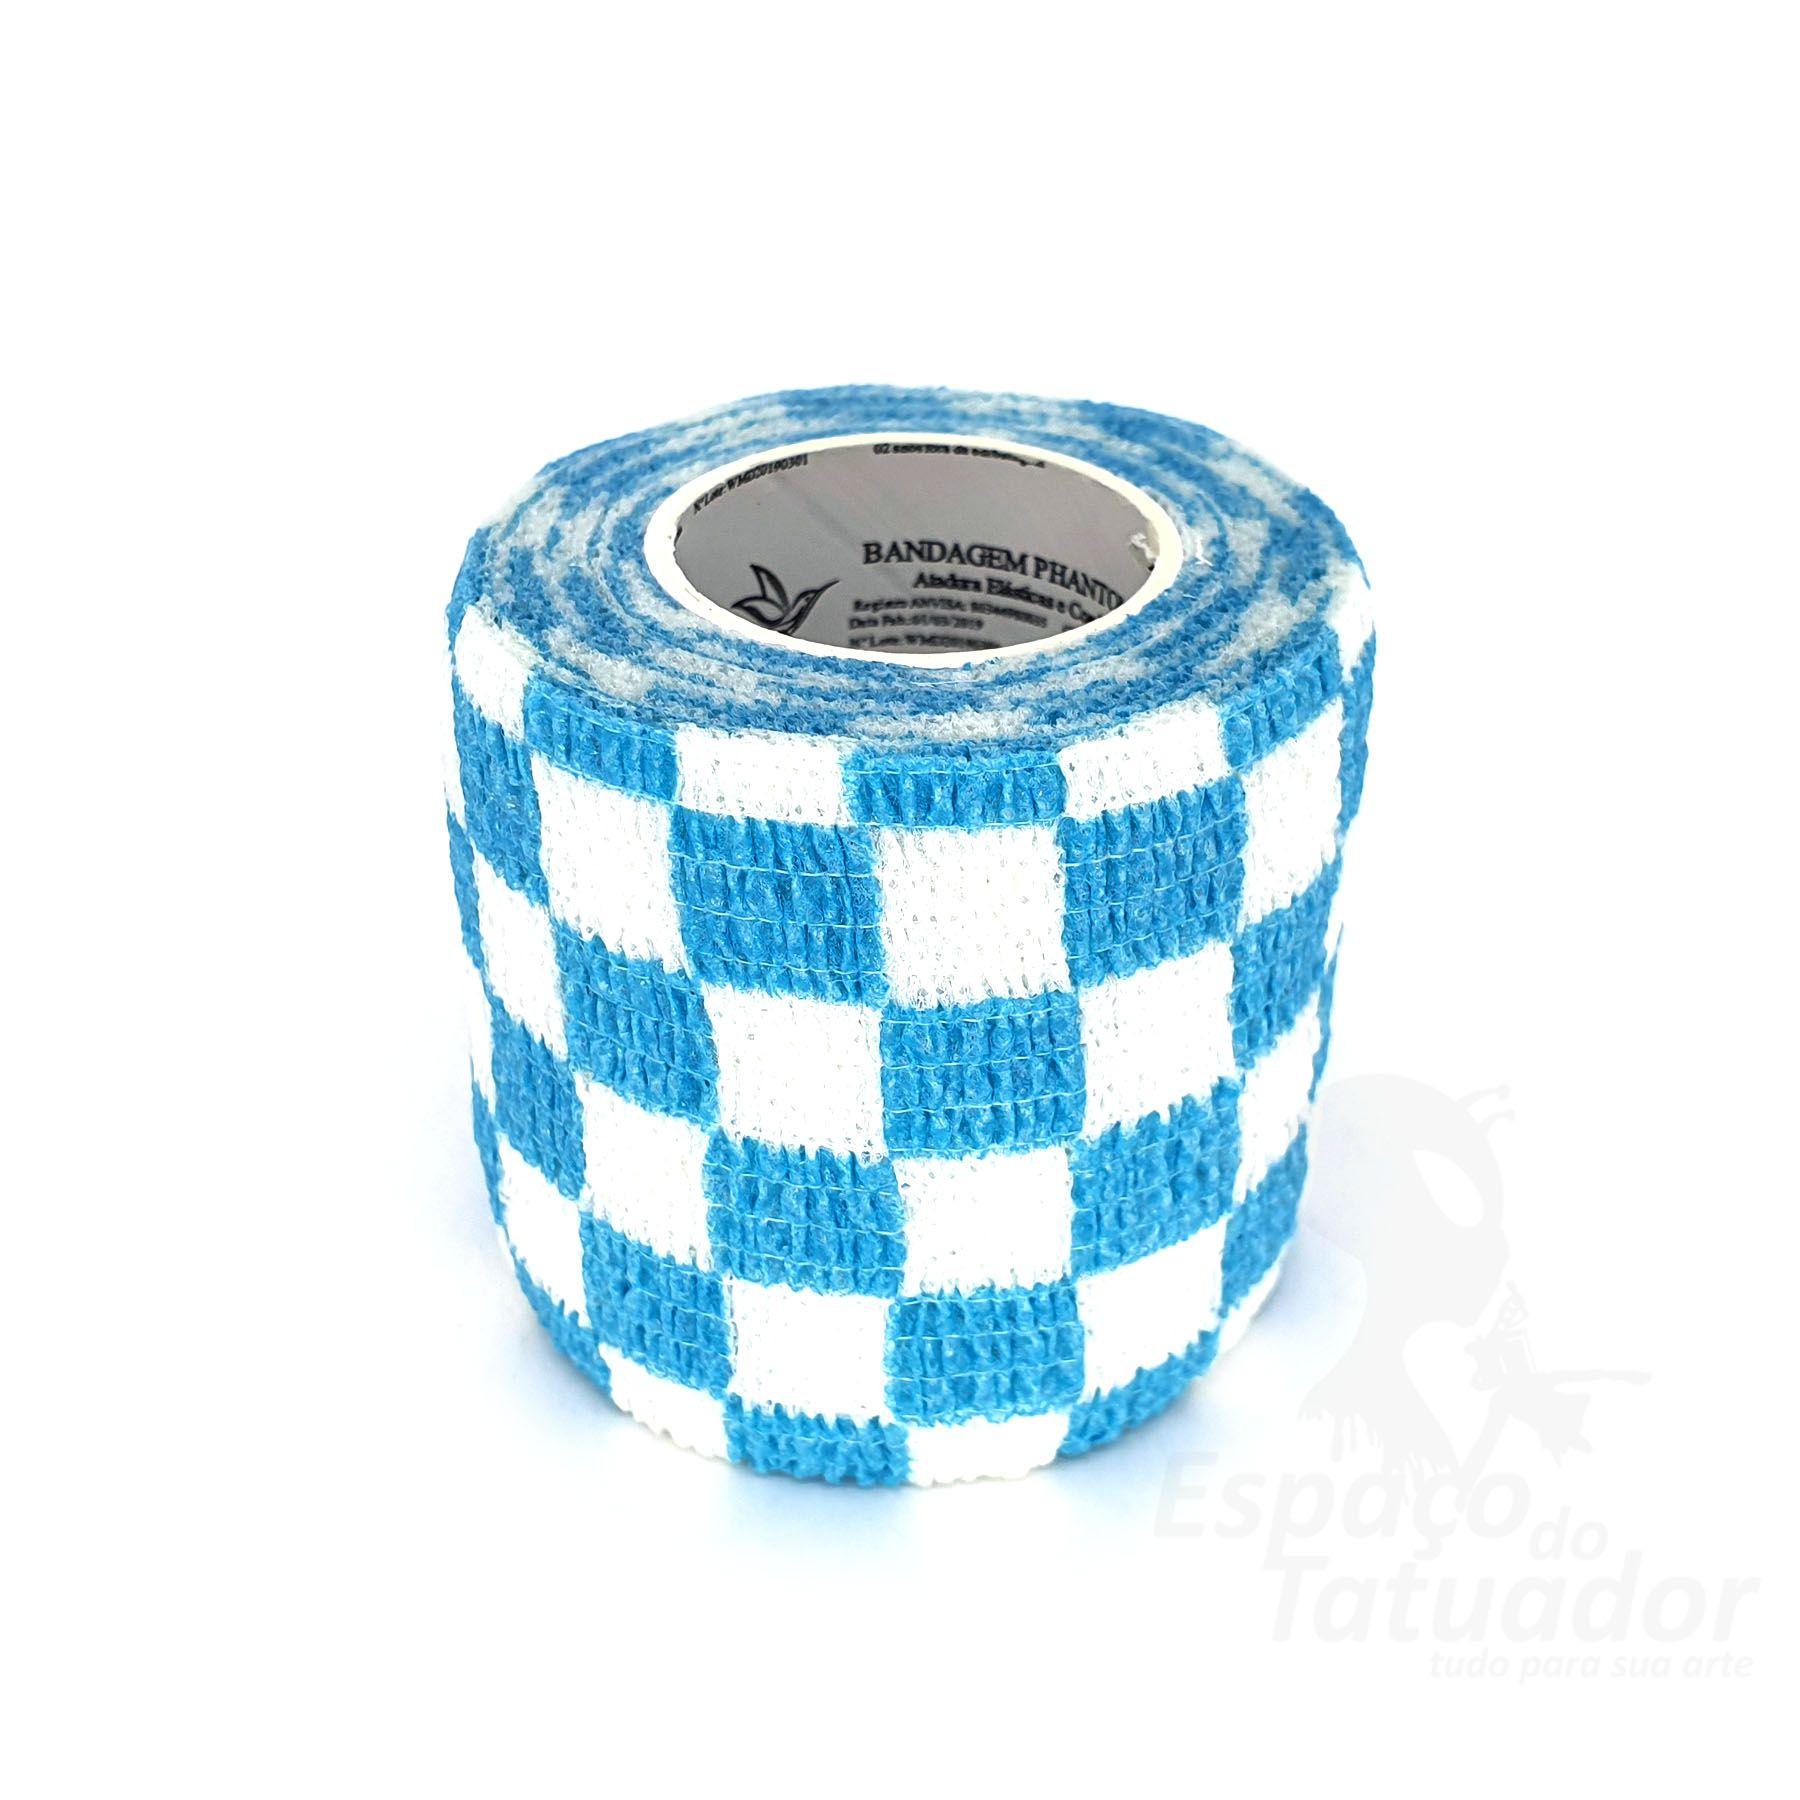 Bandagem Custom Phantom HK - Blue Grid